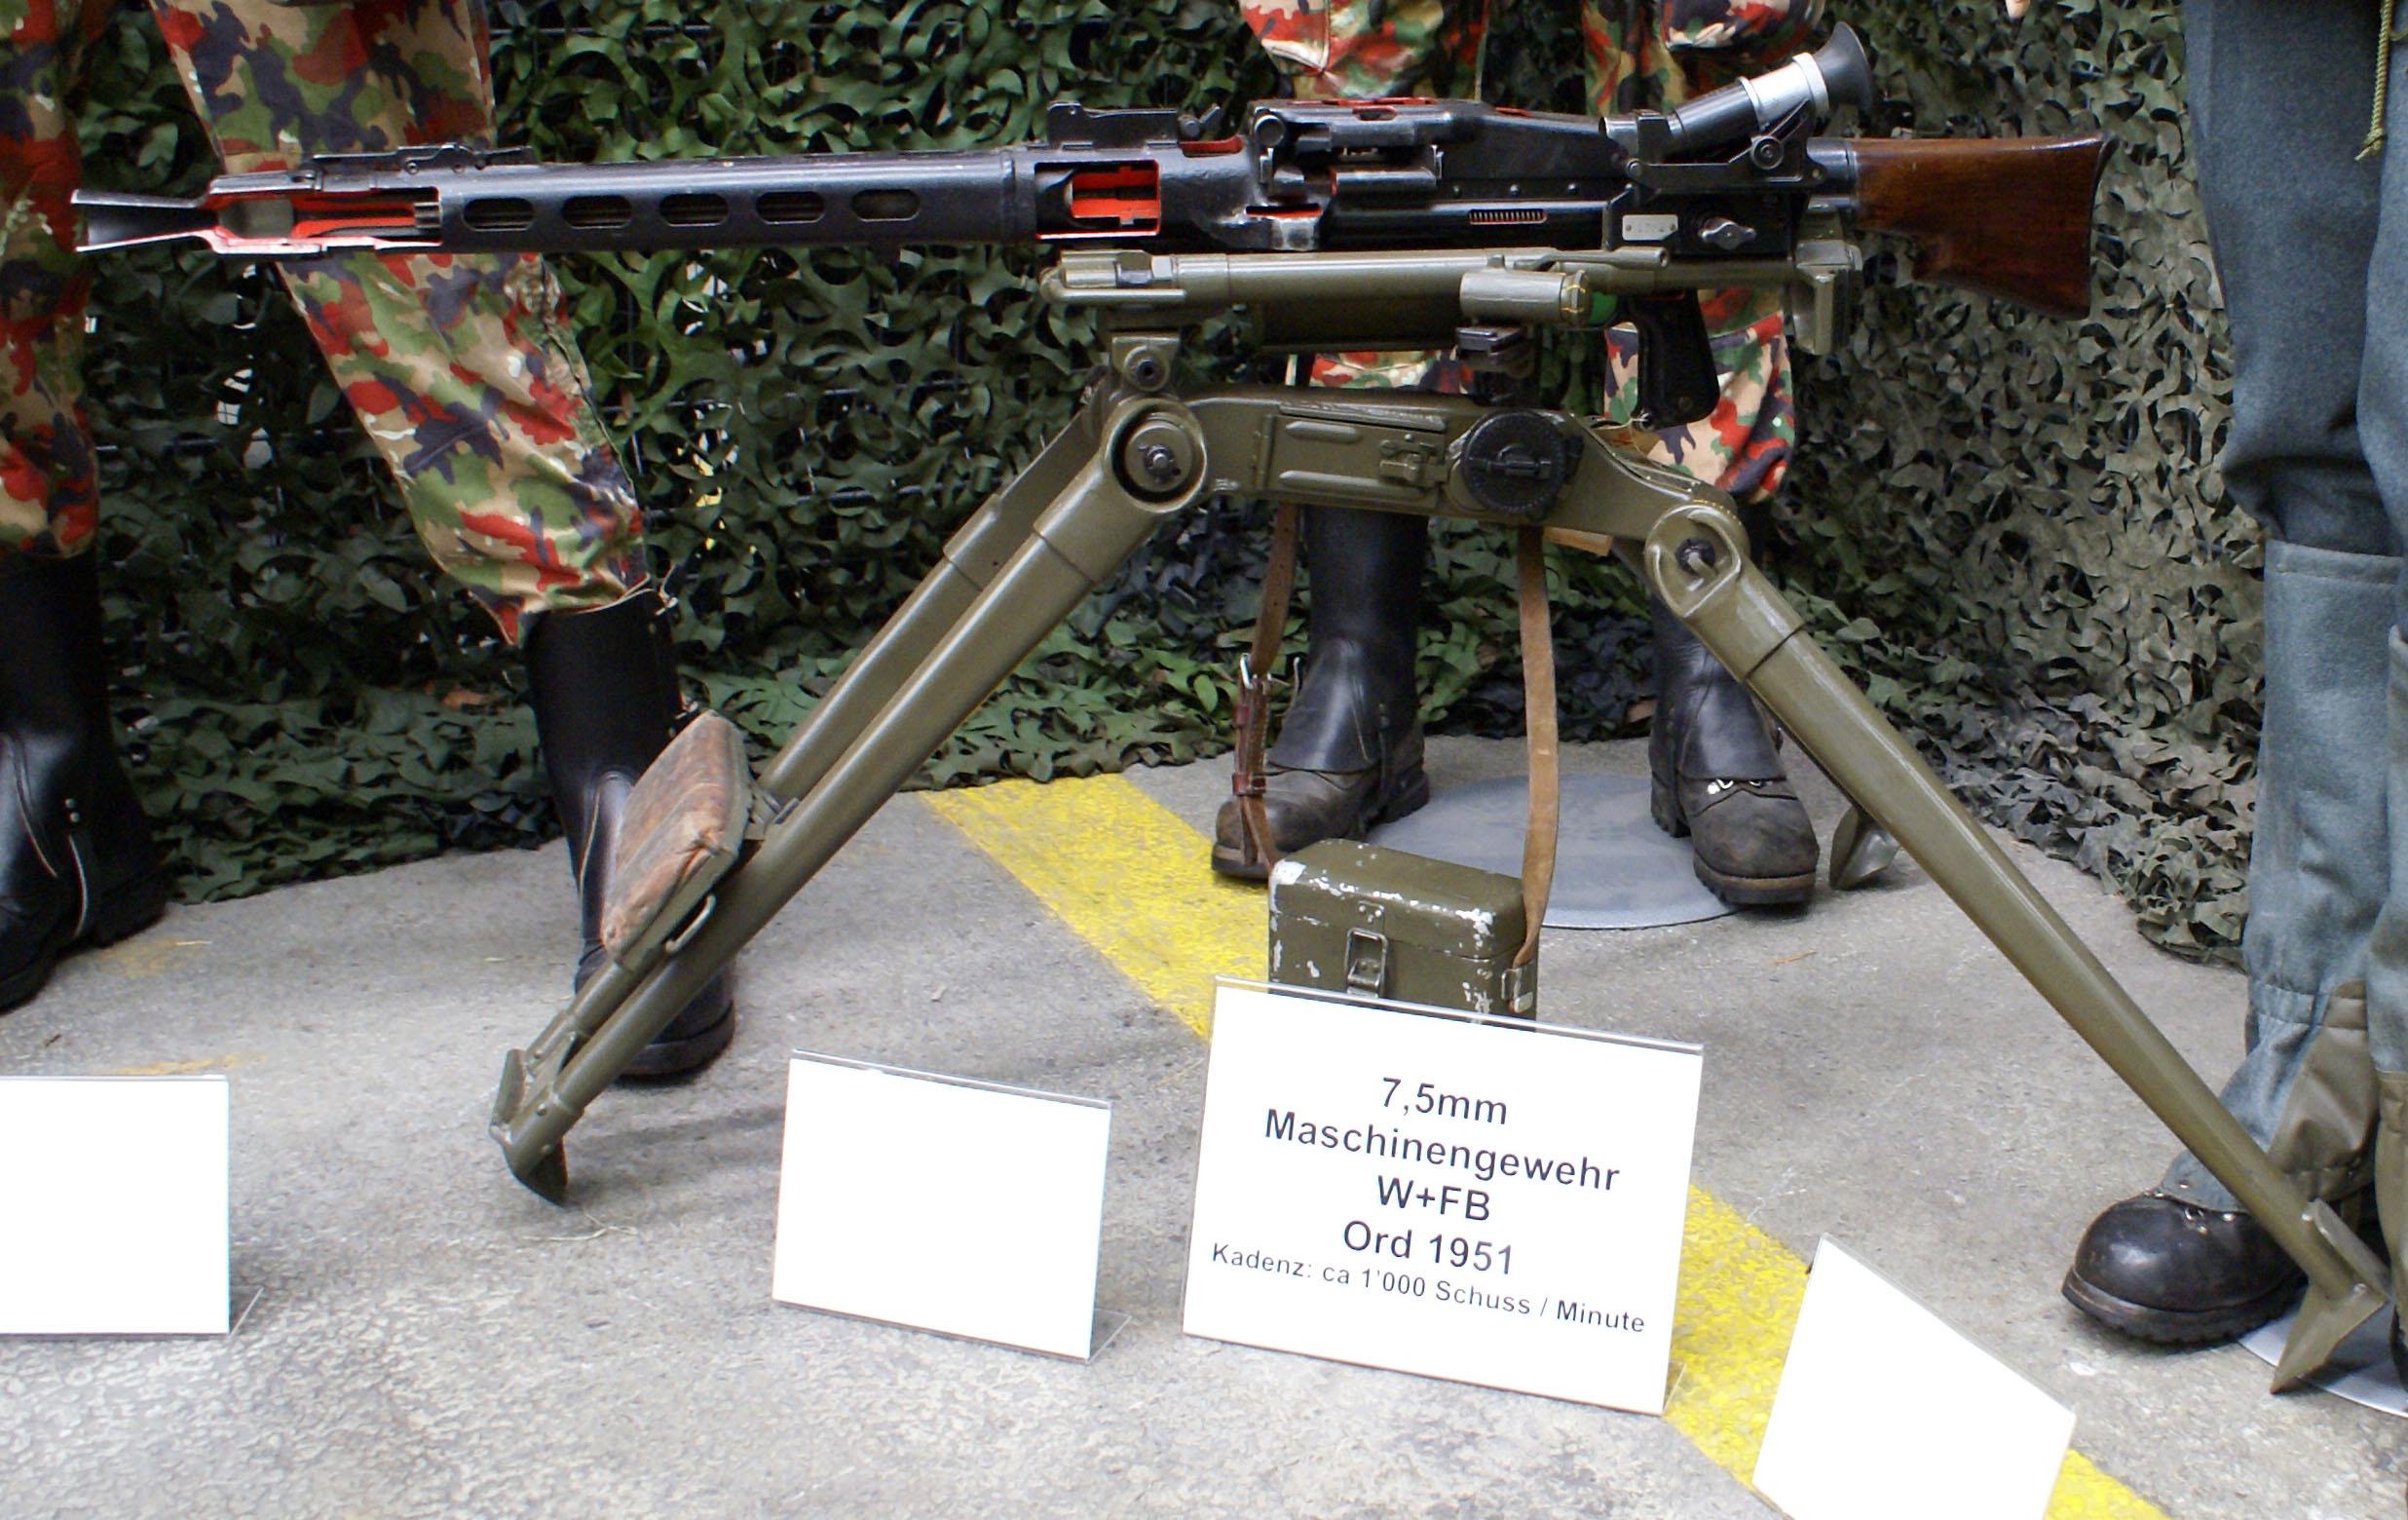 MG 51 - Wikipedia